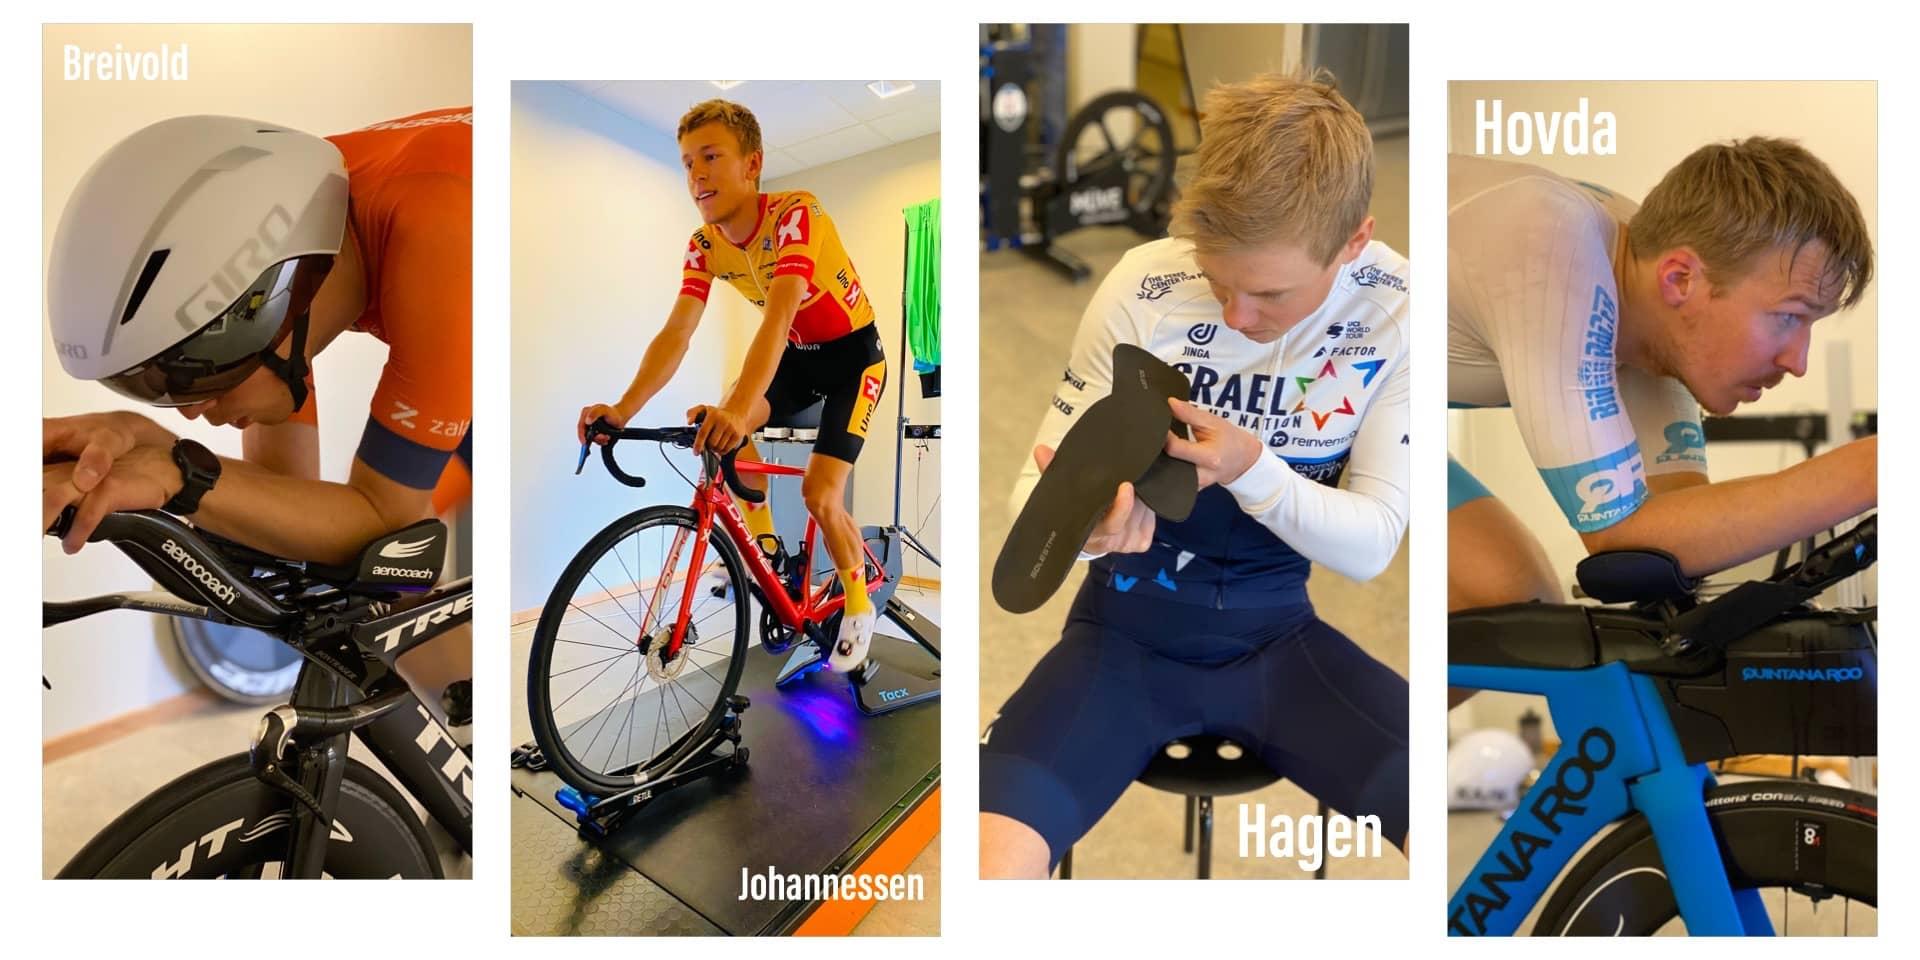 Sykkeltilpasning Drøbak - Forsidebanner